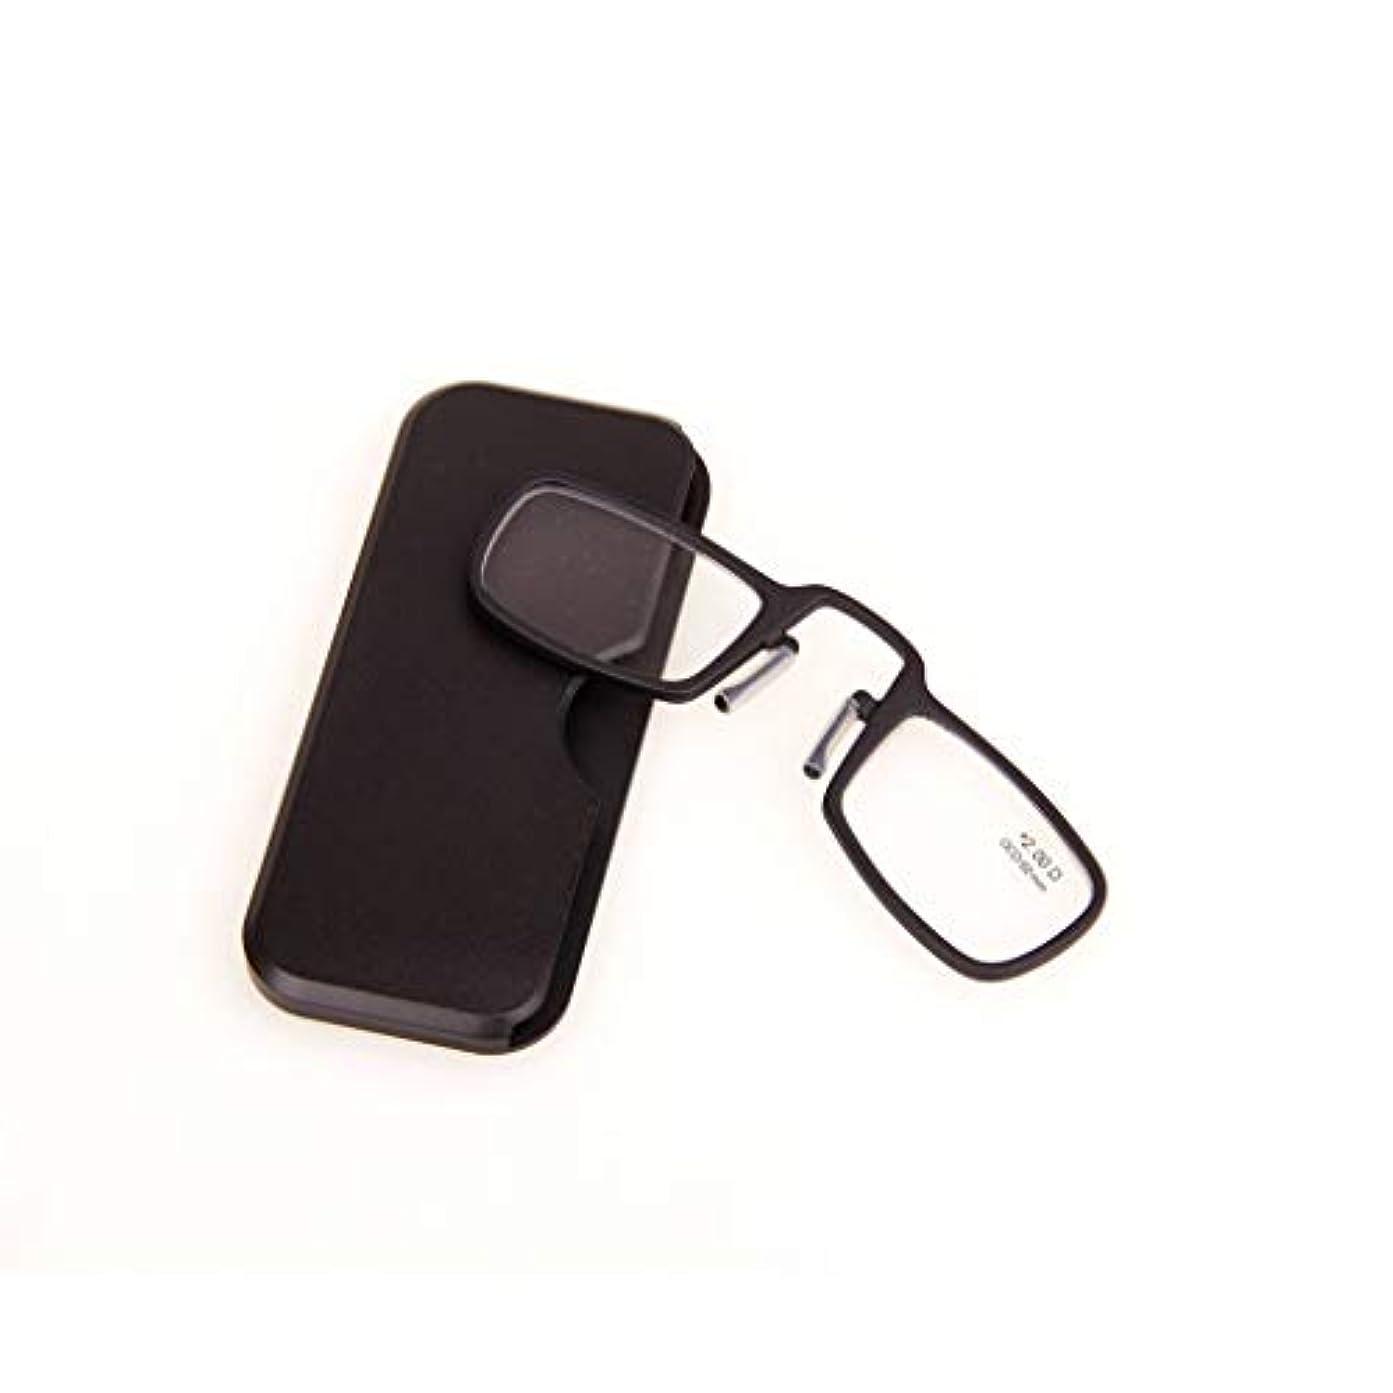 Armless老眼鏡 - 鼻の長さ4色の老眼鏡、携帯用ミラーボックス、どこへ行っても